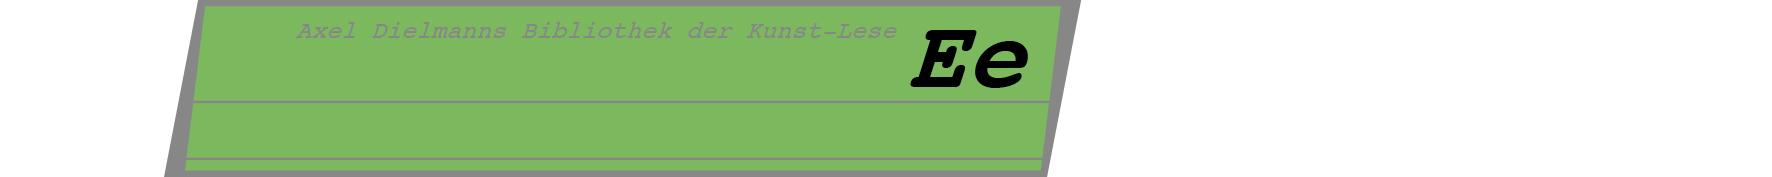 Kartei-E